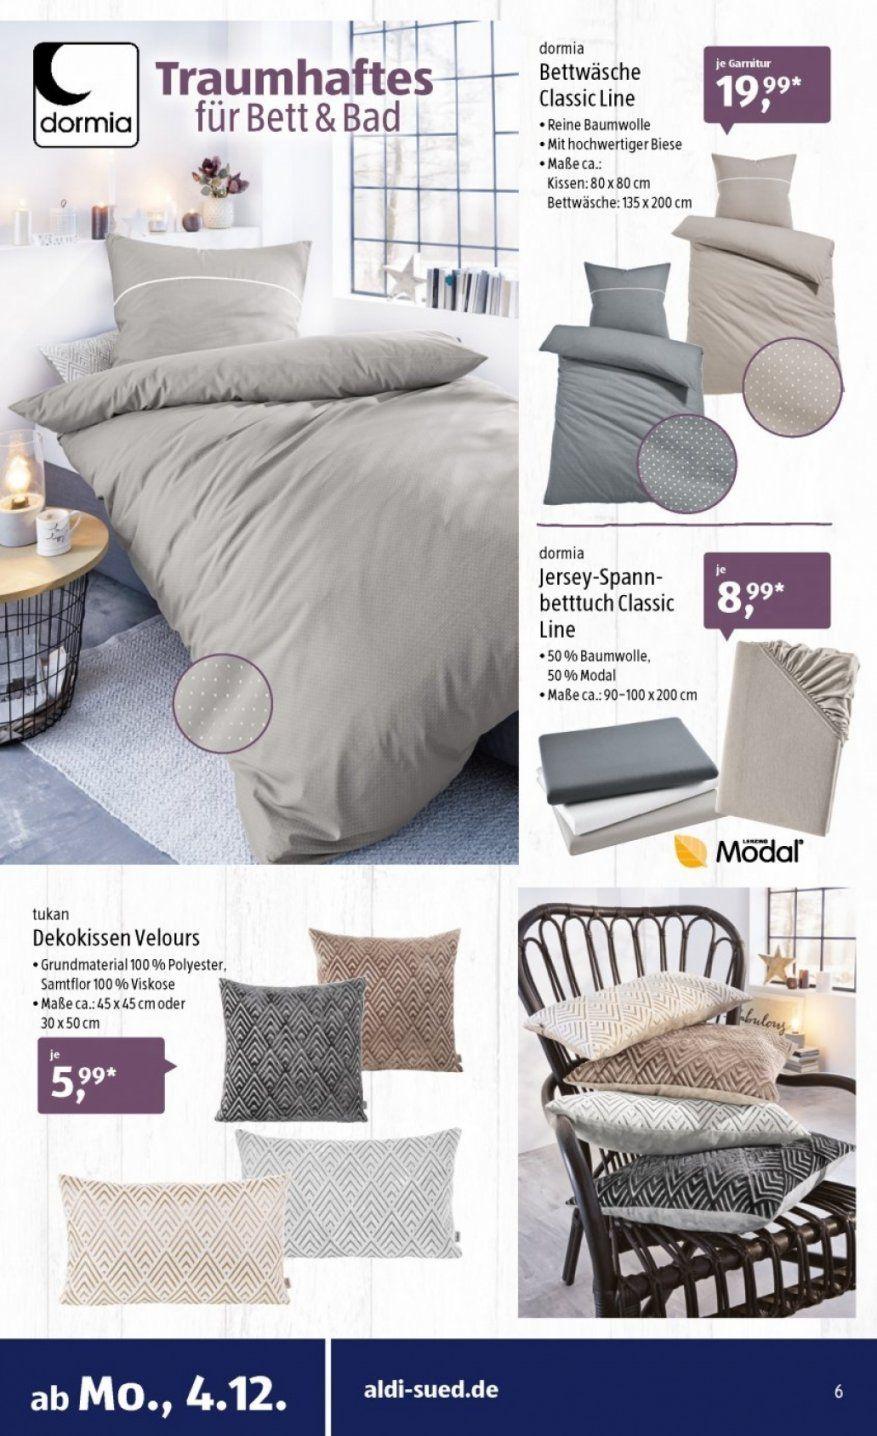 aldi s d bett fotos das sieht sch ne 1mcontrol von aldi. Black Bedroom Furniture Sets. Home Design Ideas